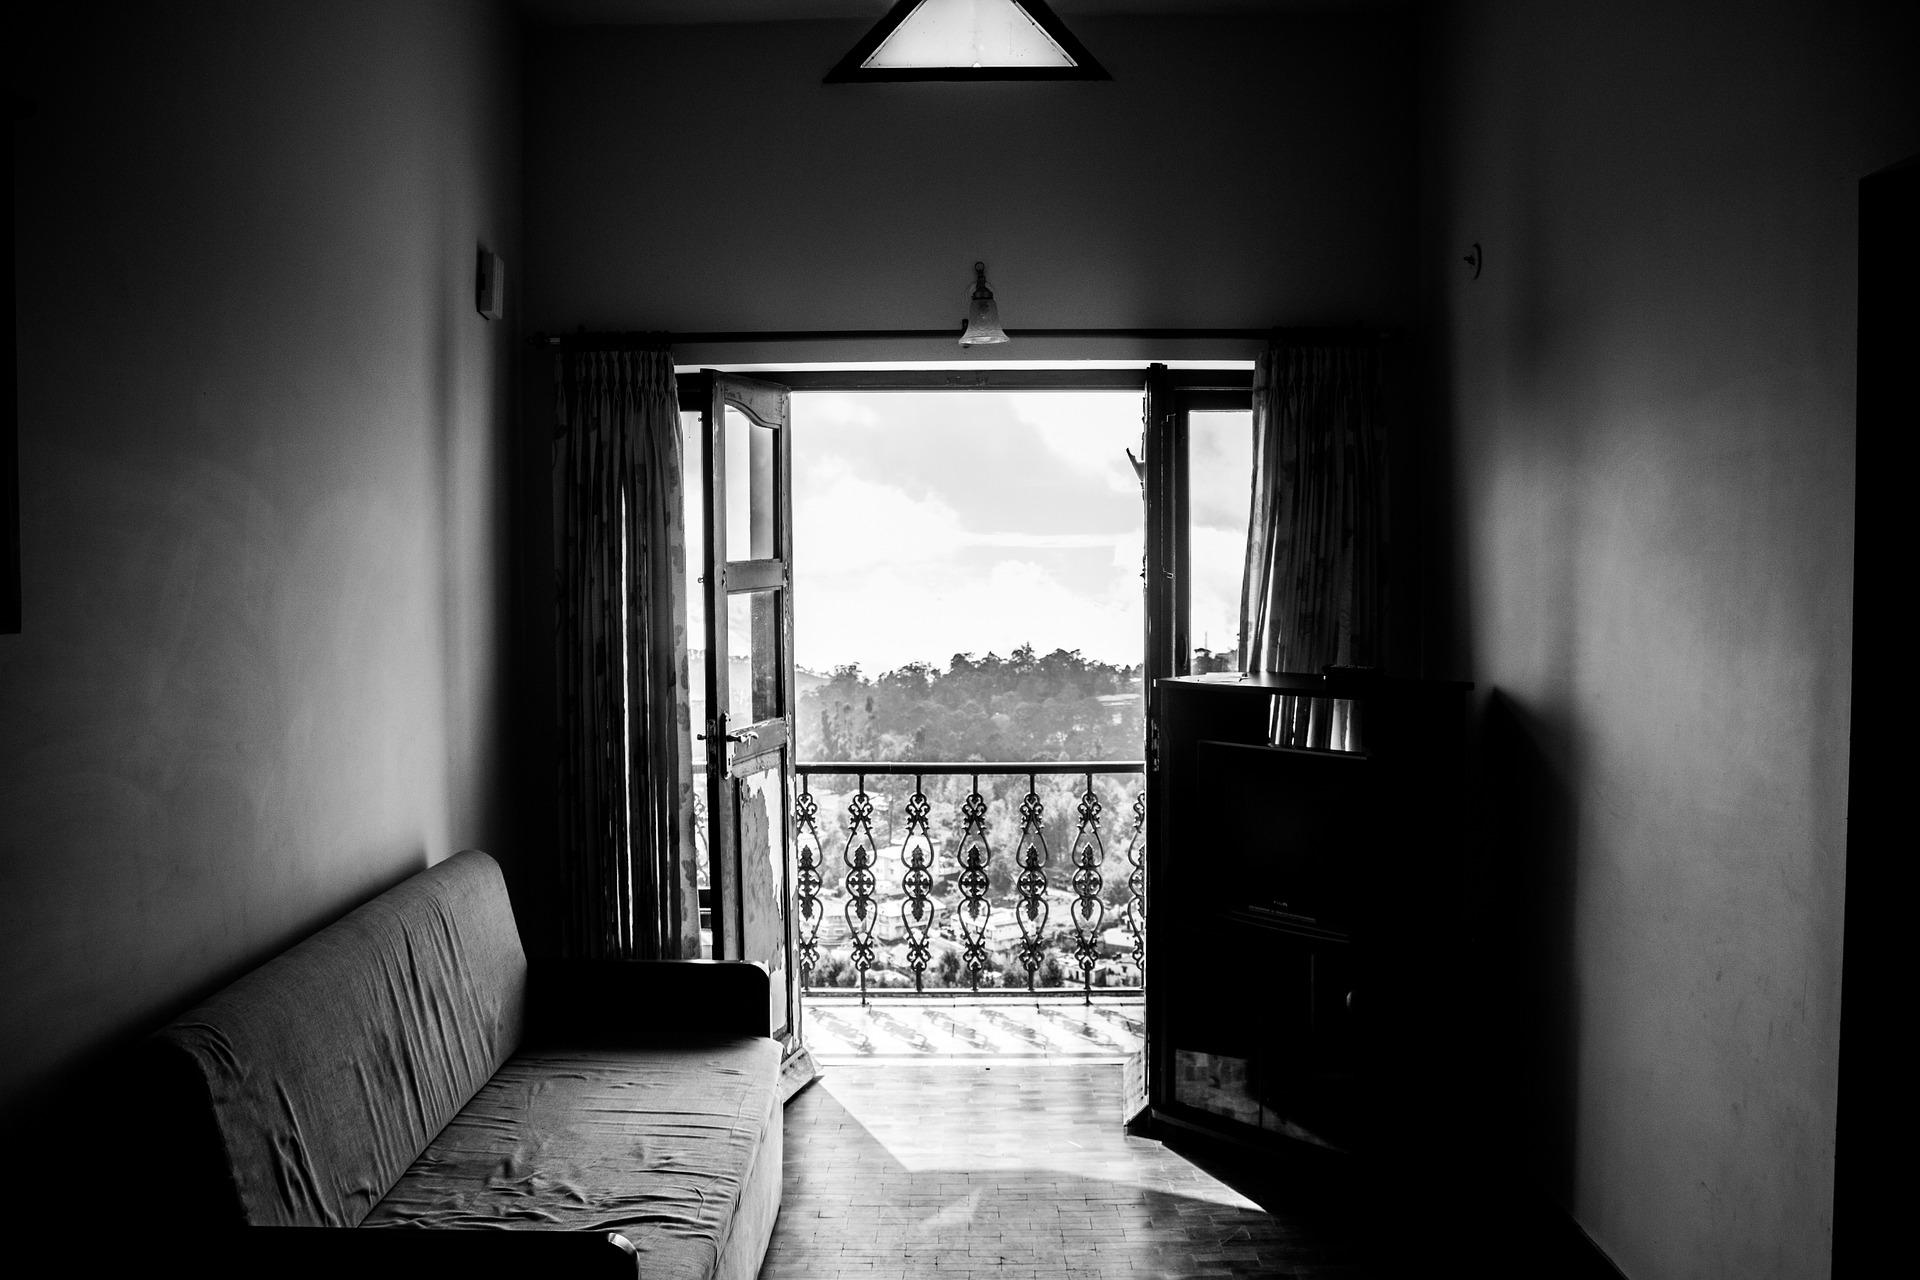 Hlavní rysy interiéru francouzských bytů